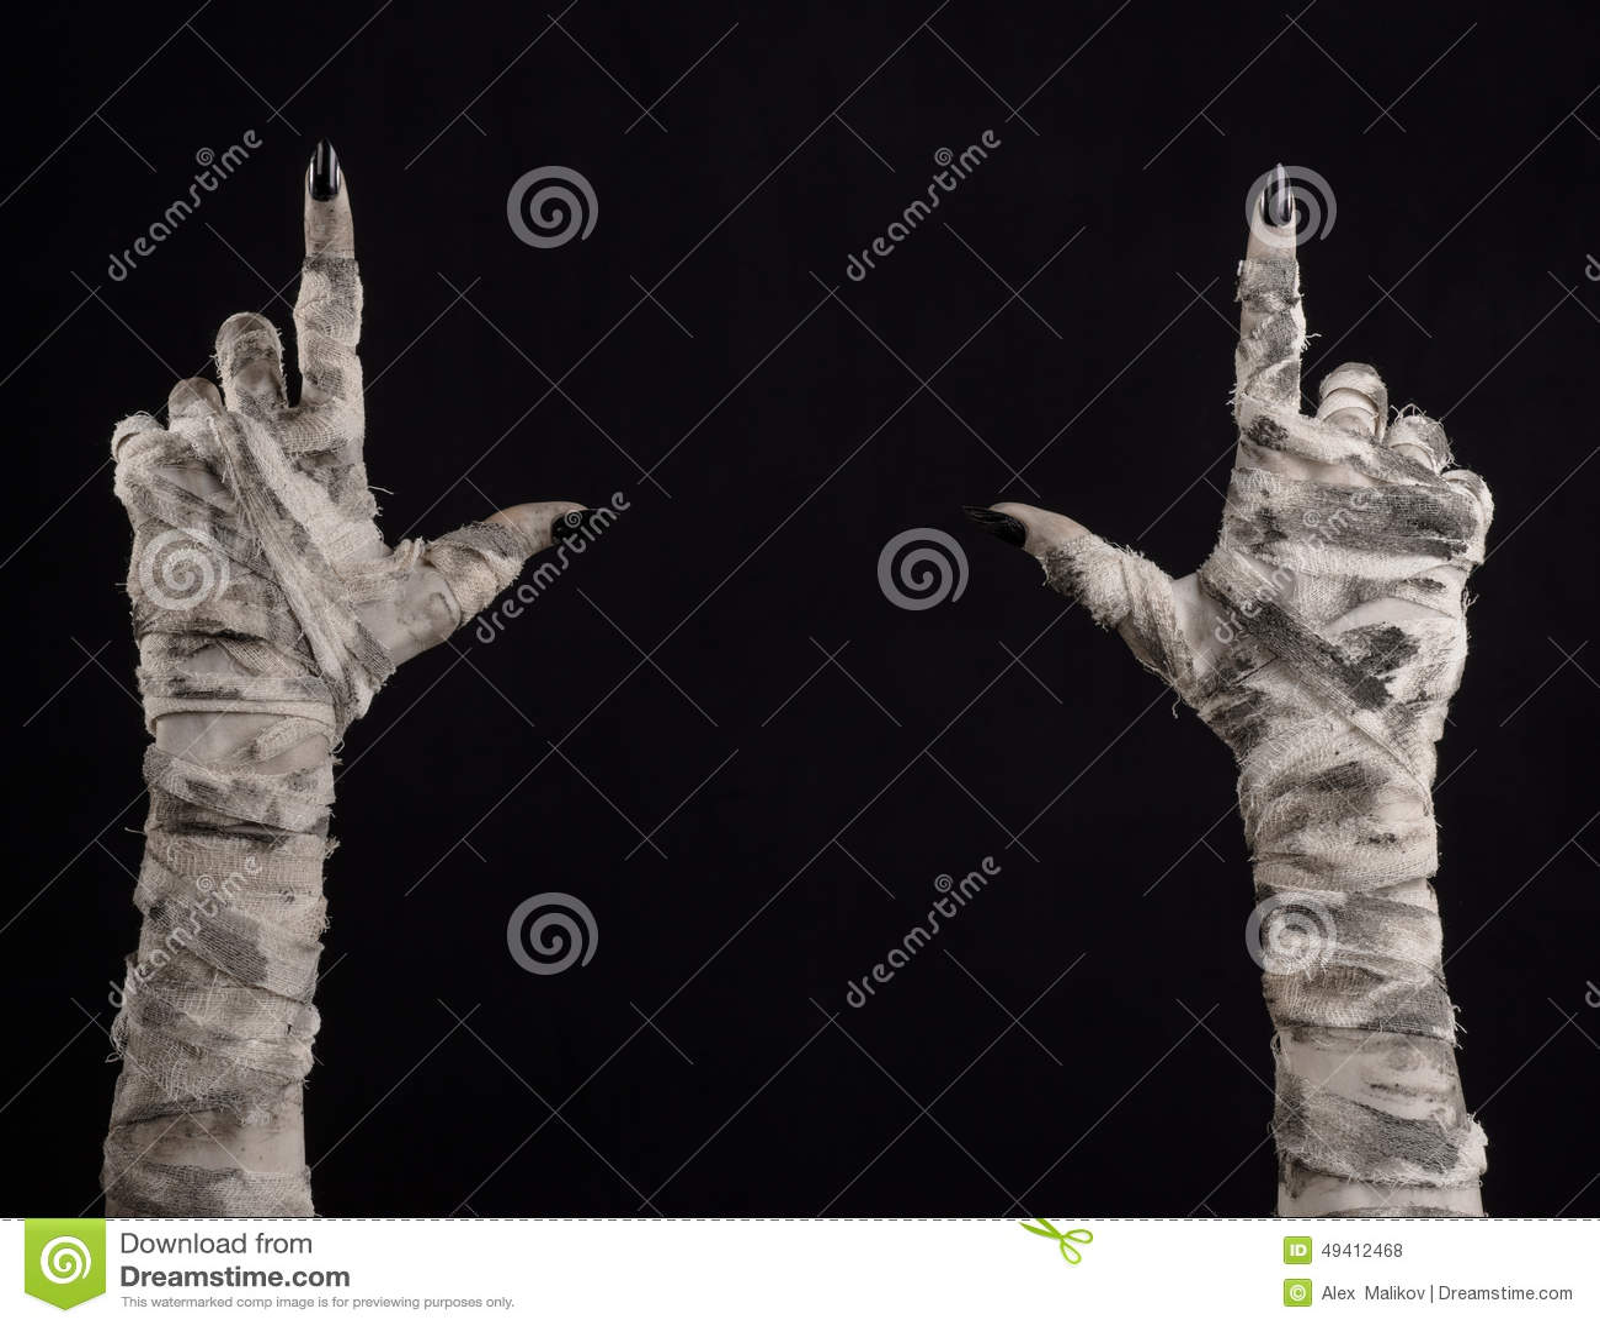 Download Halloween-Thema: Schreckliche Alte Mamahände Auf Einem Schwarzen Hintergrund Stockfoto - Bild von hintergrund, hand: 49412468